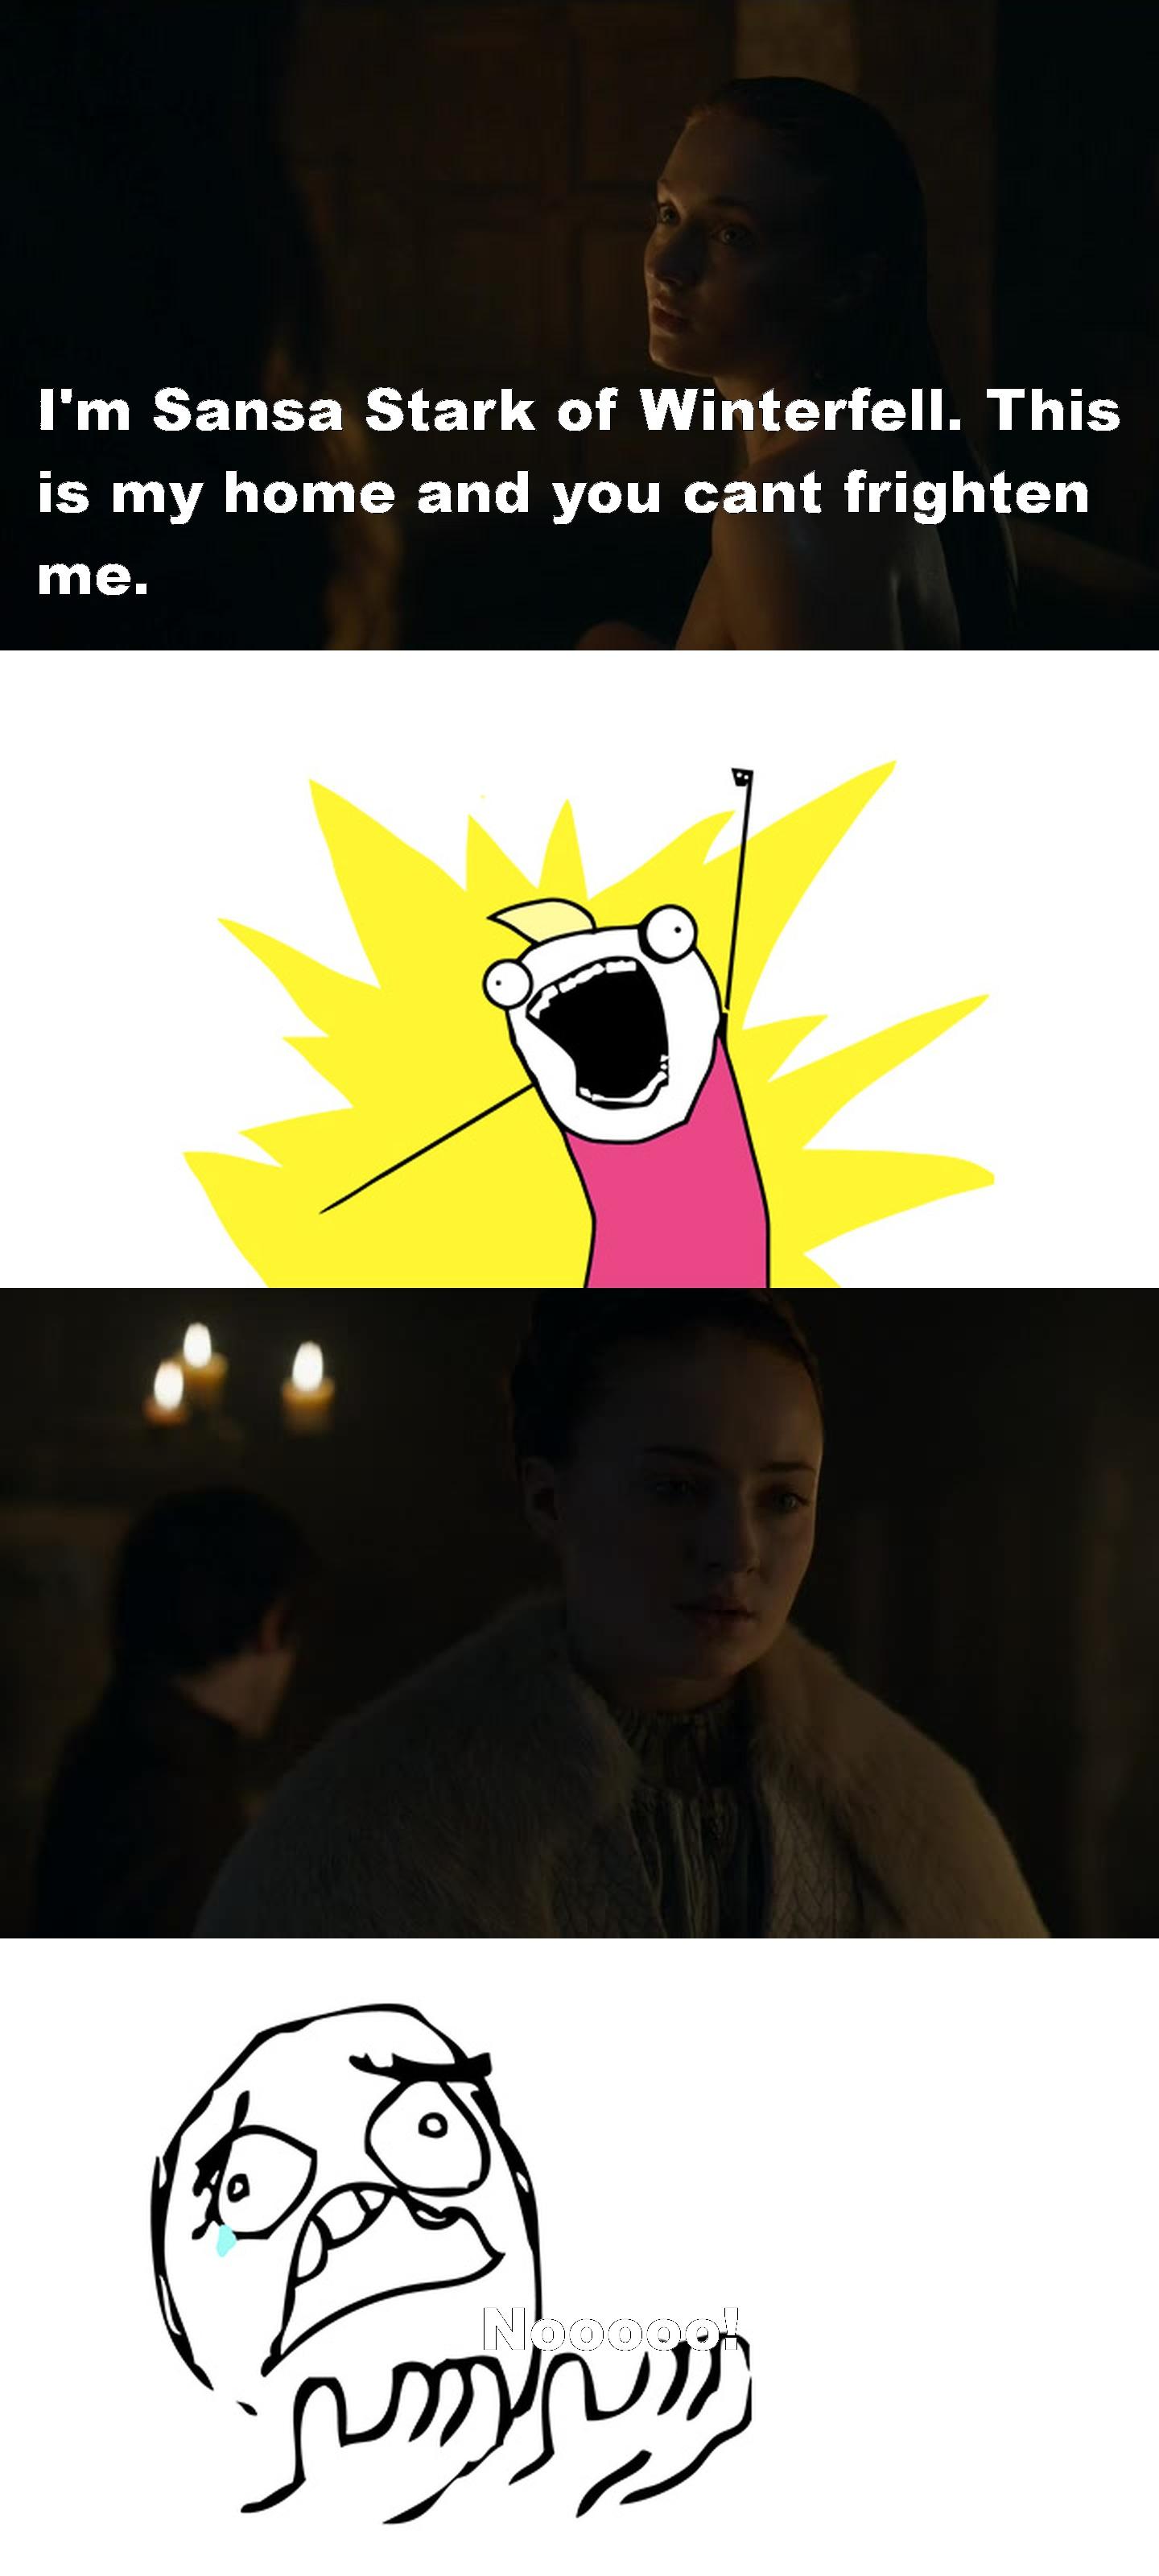 Nooooo Sansa!